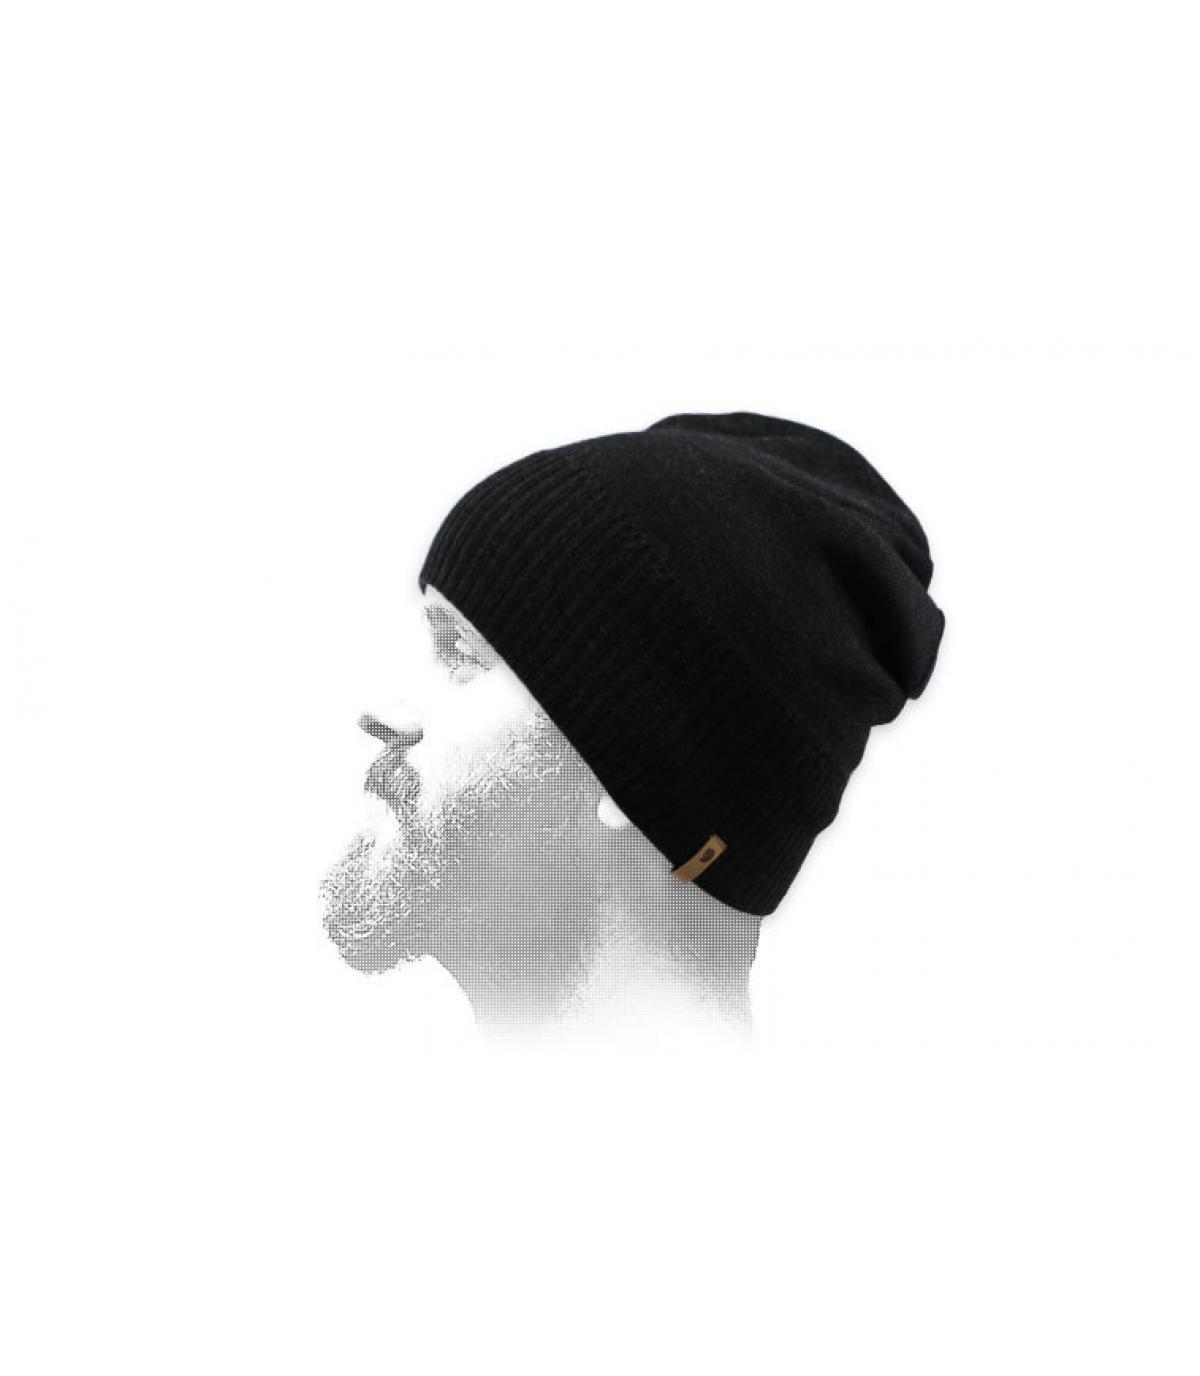 cappello corto di lana nera